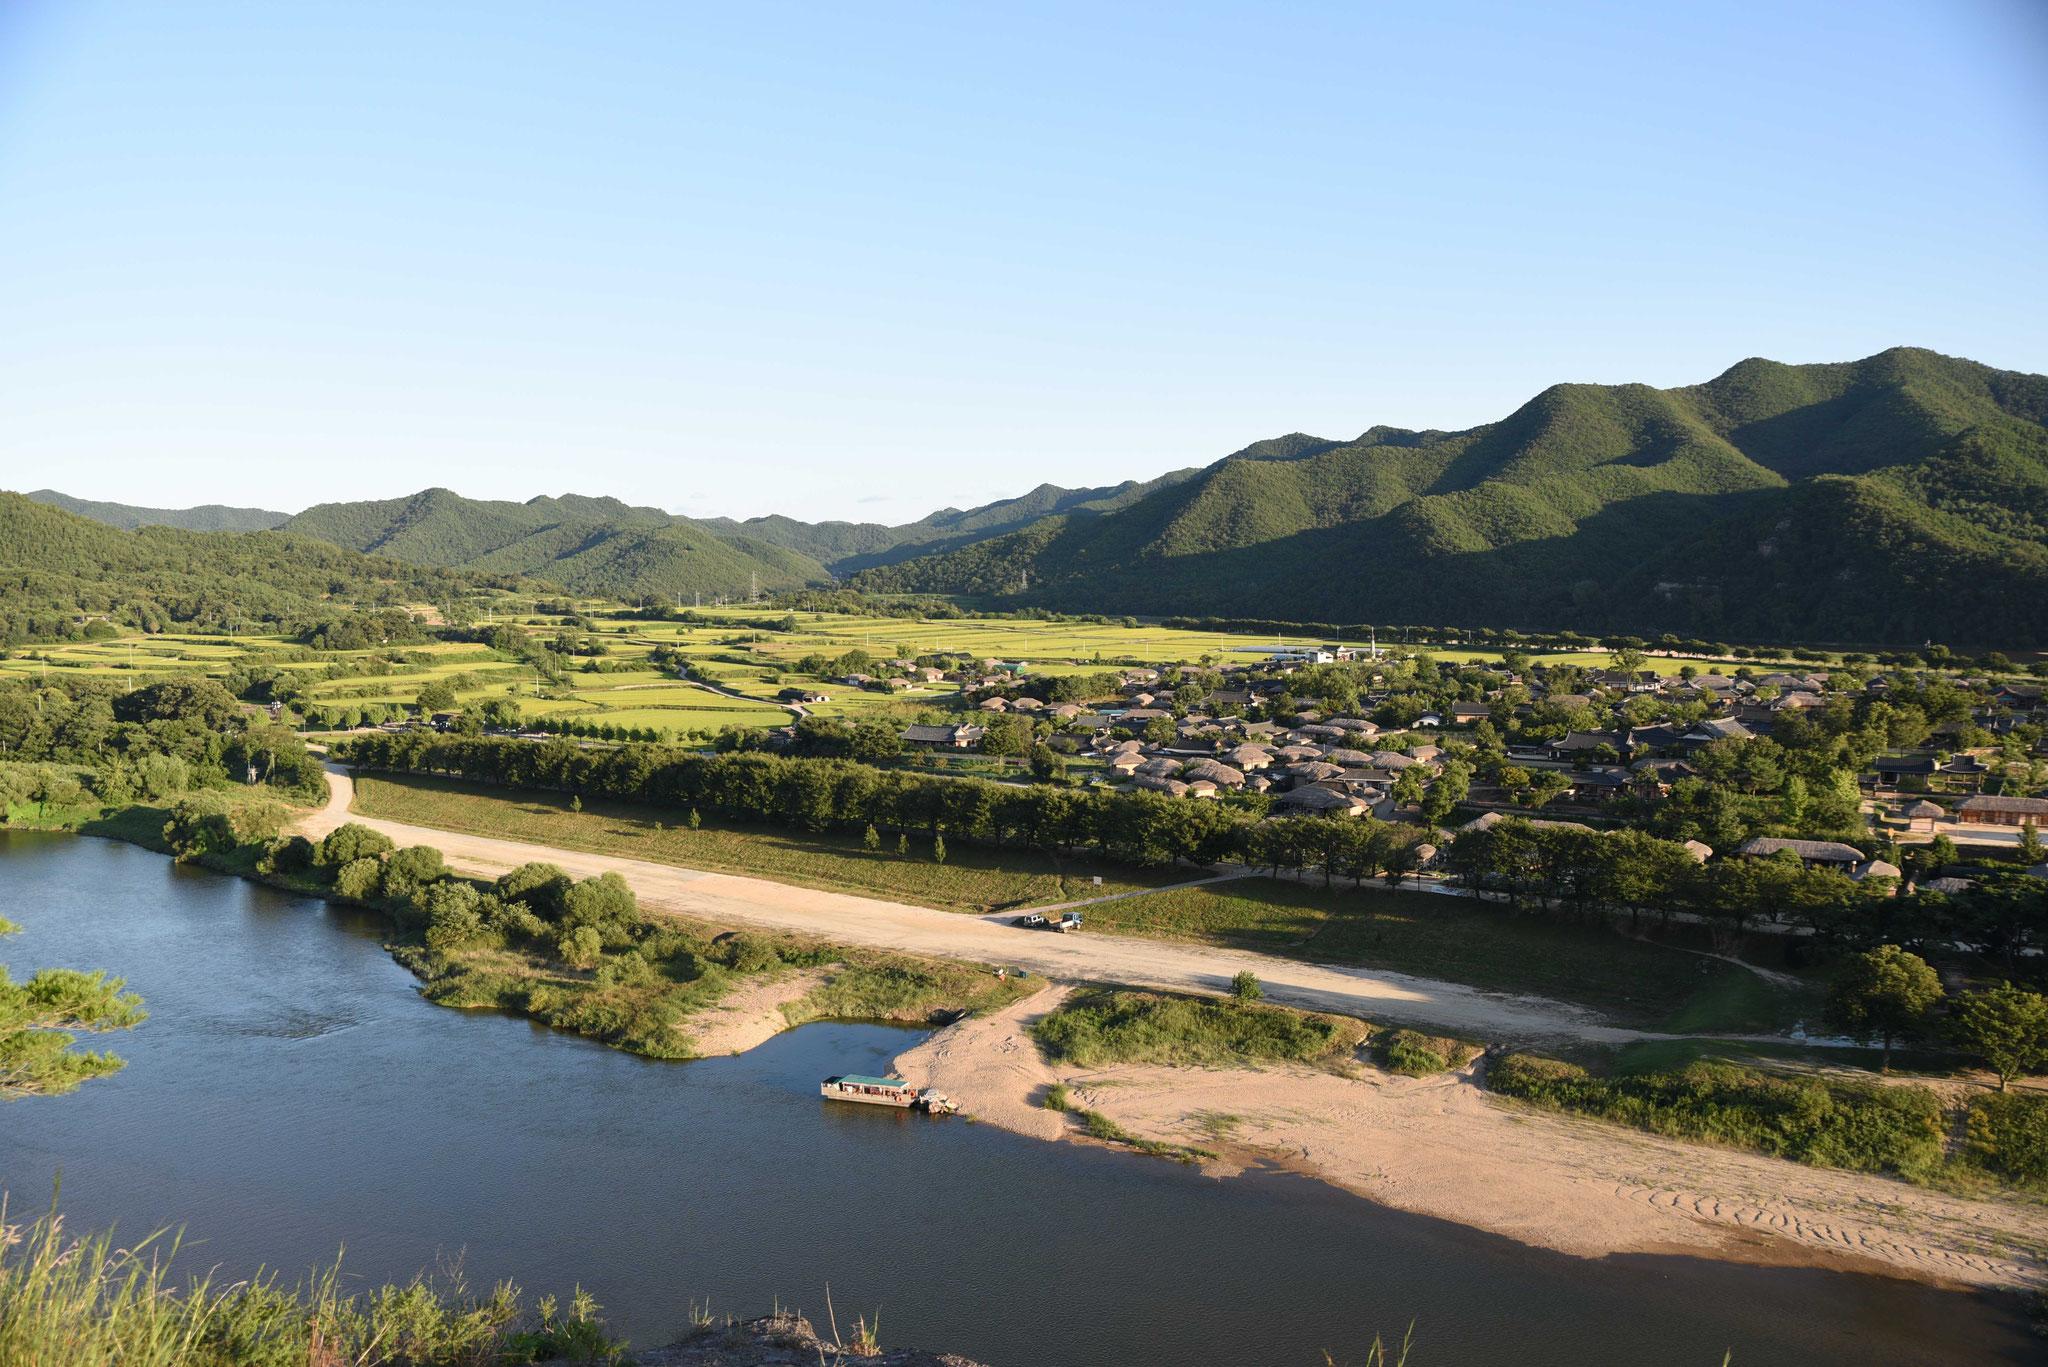 Blick auf den Fluß Andong